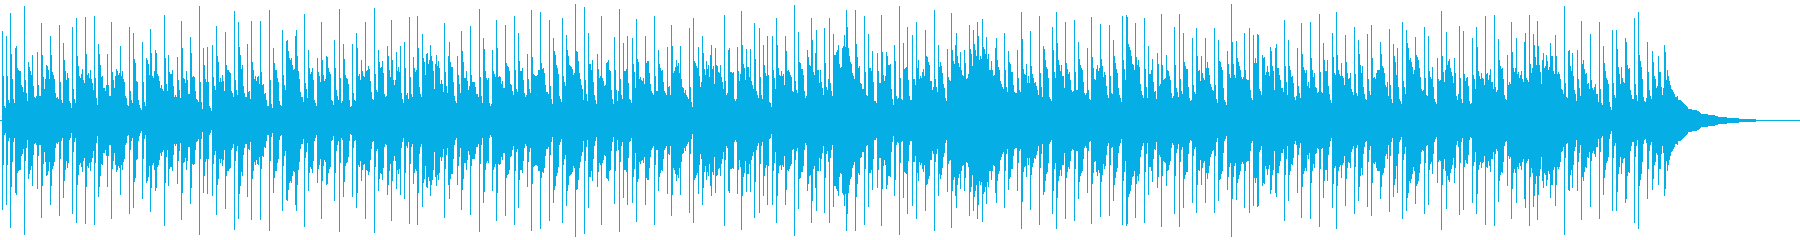 アコギ主体の陽気で爽やかお散歩曲bの再生済みの波形